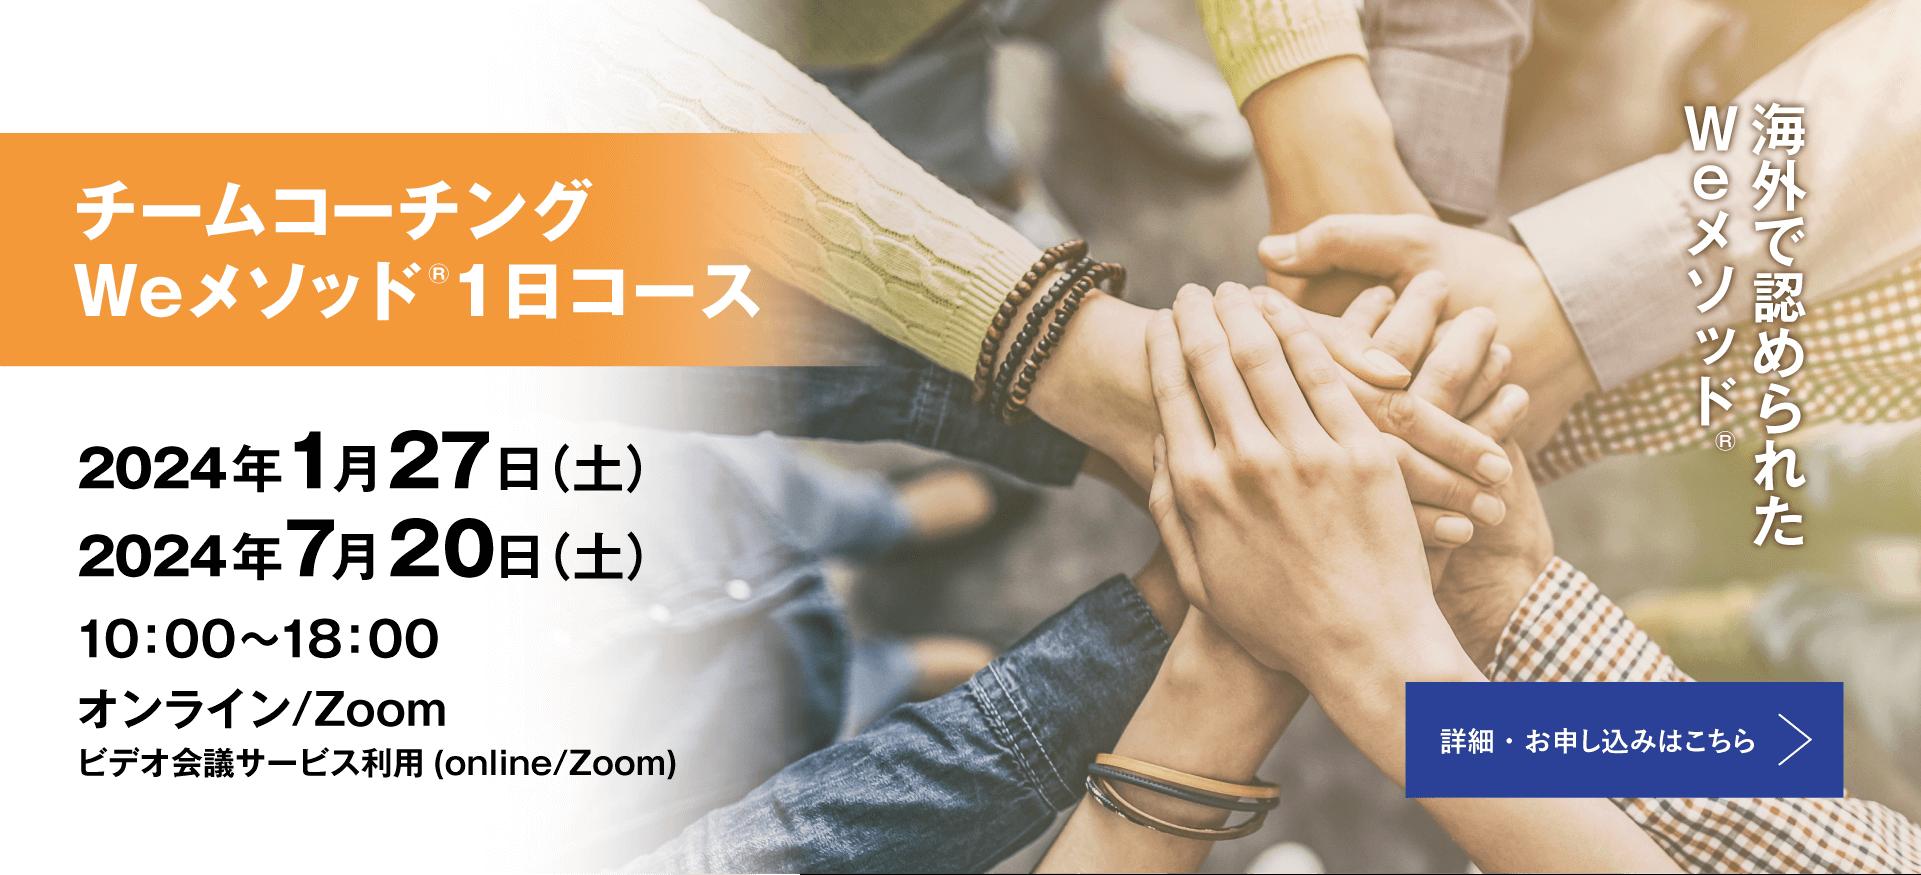 チームコーチング Weメソッド 1日コース 2019年8月31日(土) 大阪/エル・大阪 2020年1月25日(土) 東京/東銀座TKK セミナールーム 海外で認められたWeメソッド 詳細・お申し込みはこちら